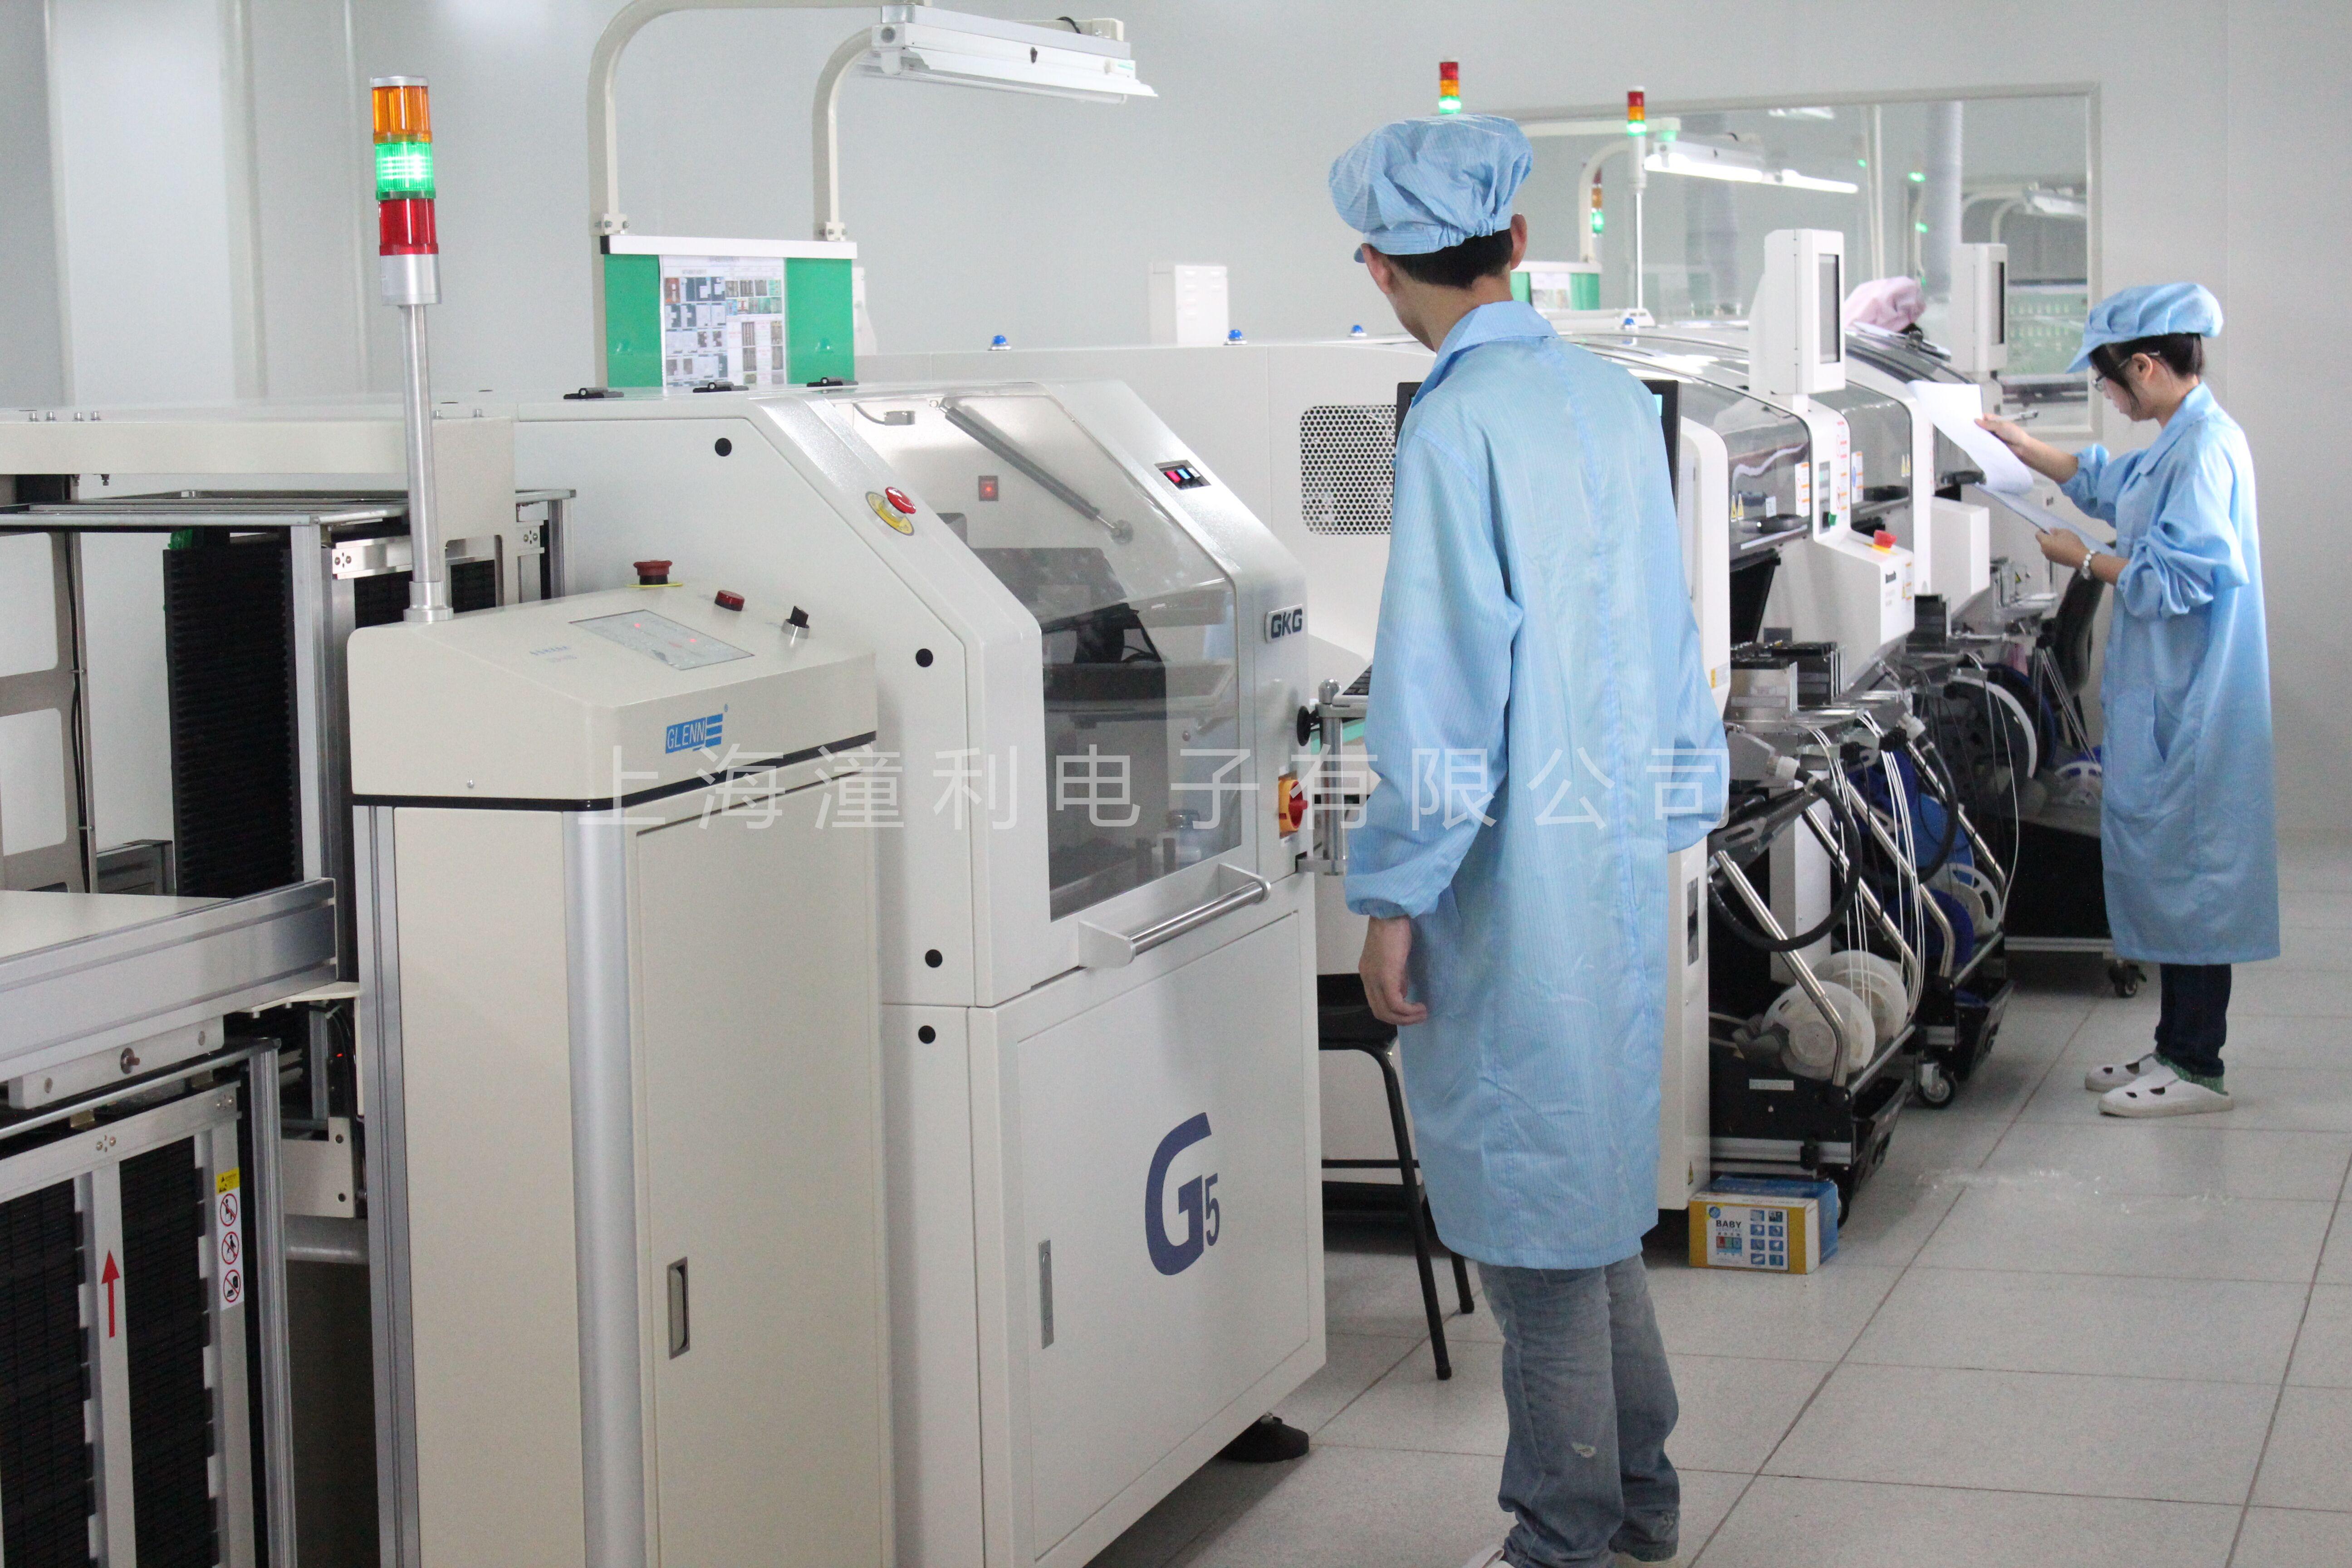 供应SMT贴片加工电子元件销售,SMT贴片加工生产厂家 上海SMT贴片加工 上海SMT贴片加工厂家